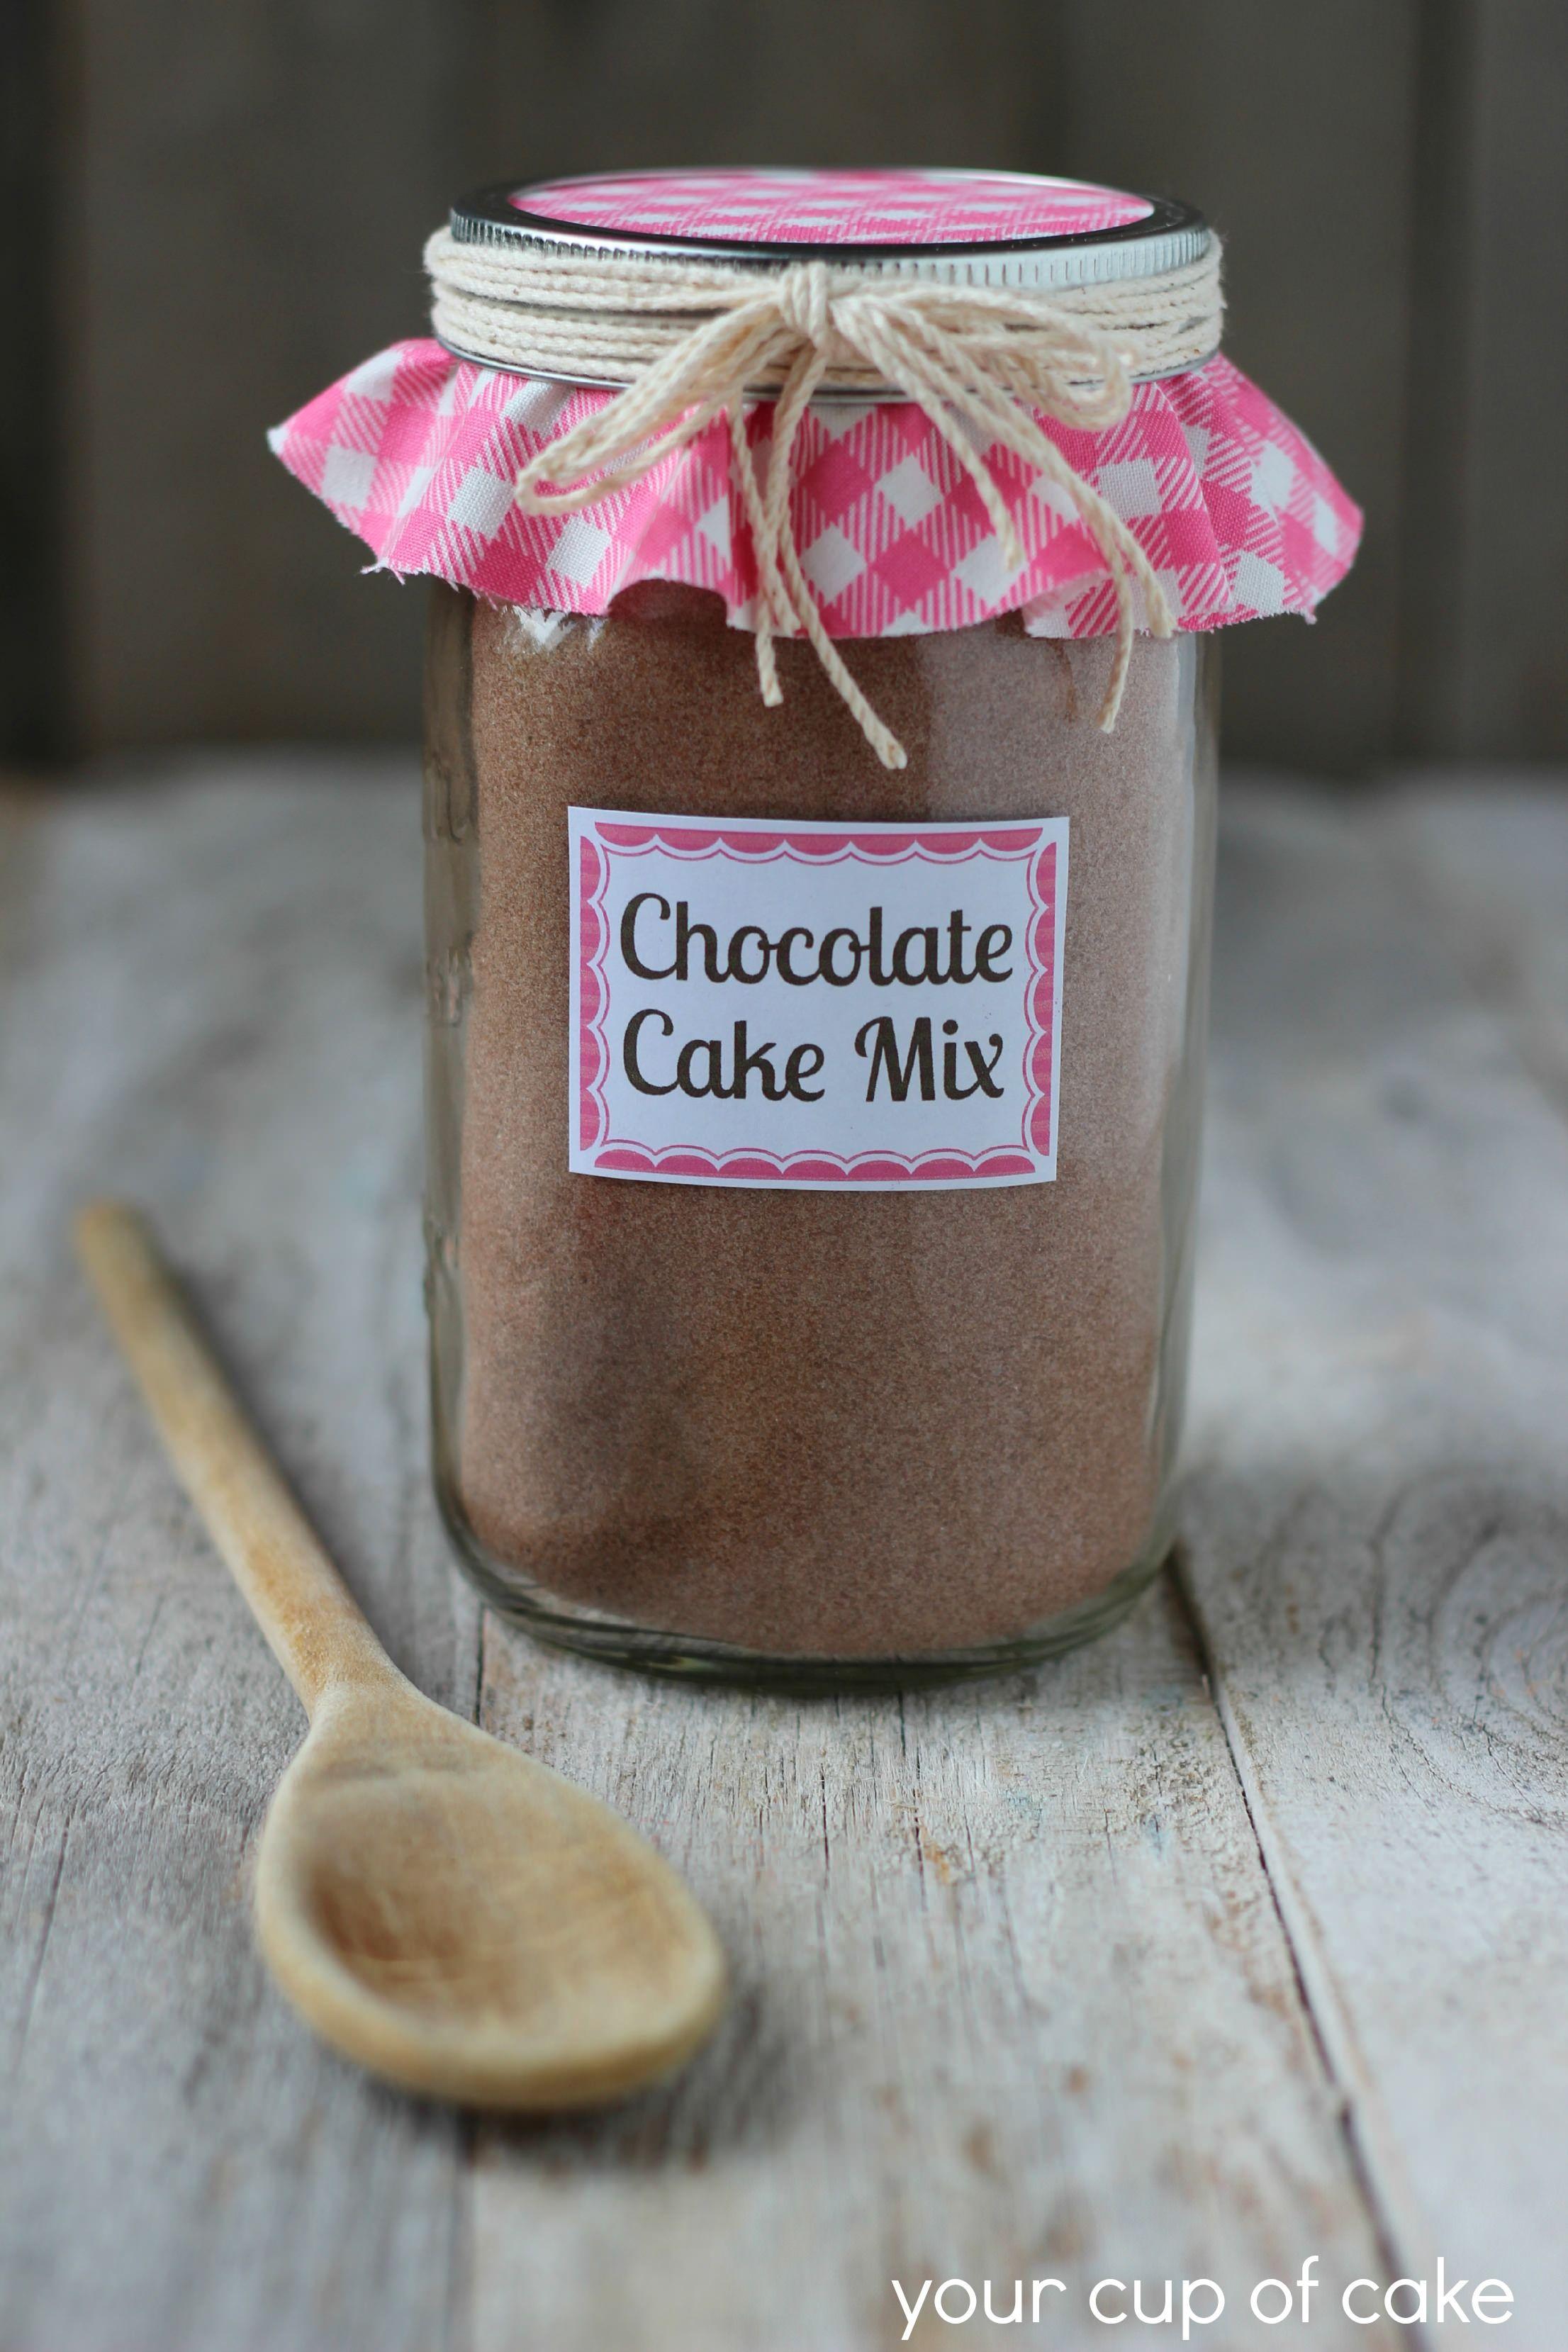 Cake mix substitute recipefor cake add 3 eggs 12 c